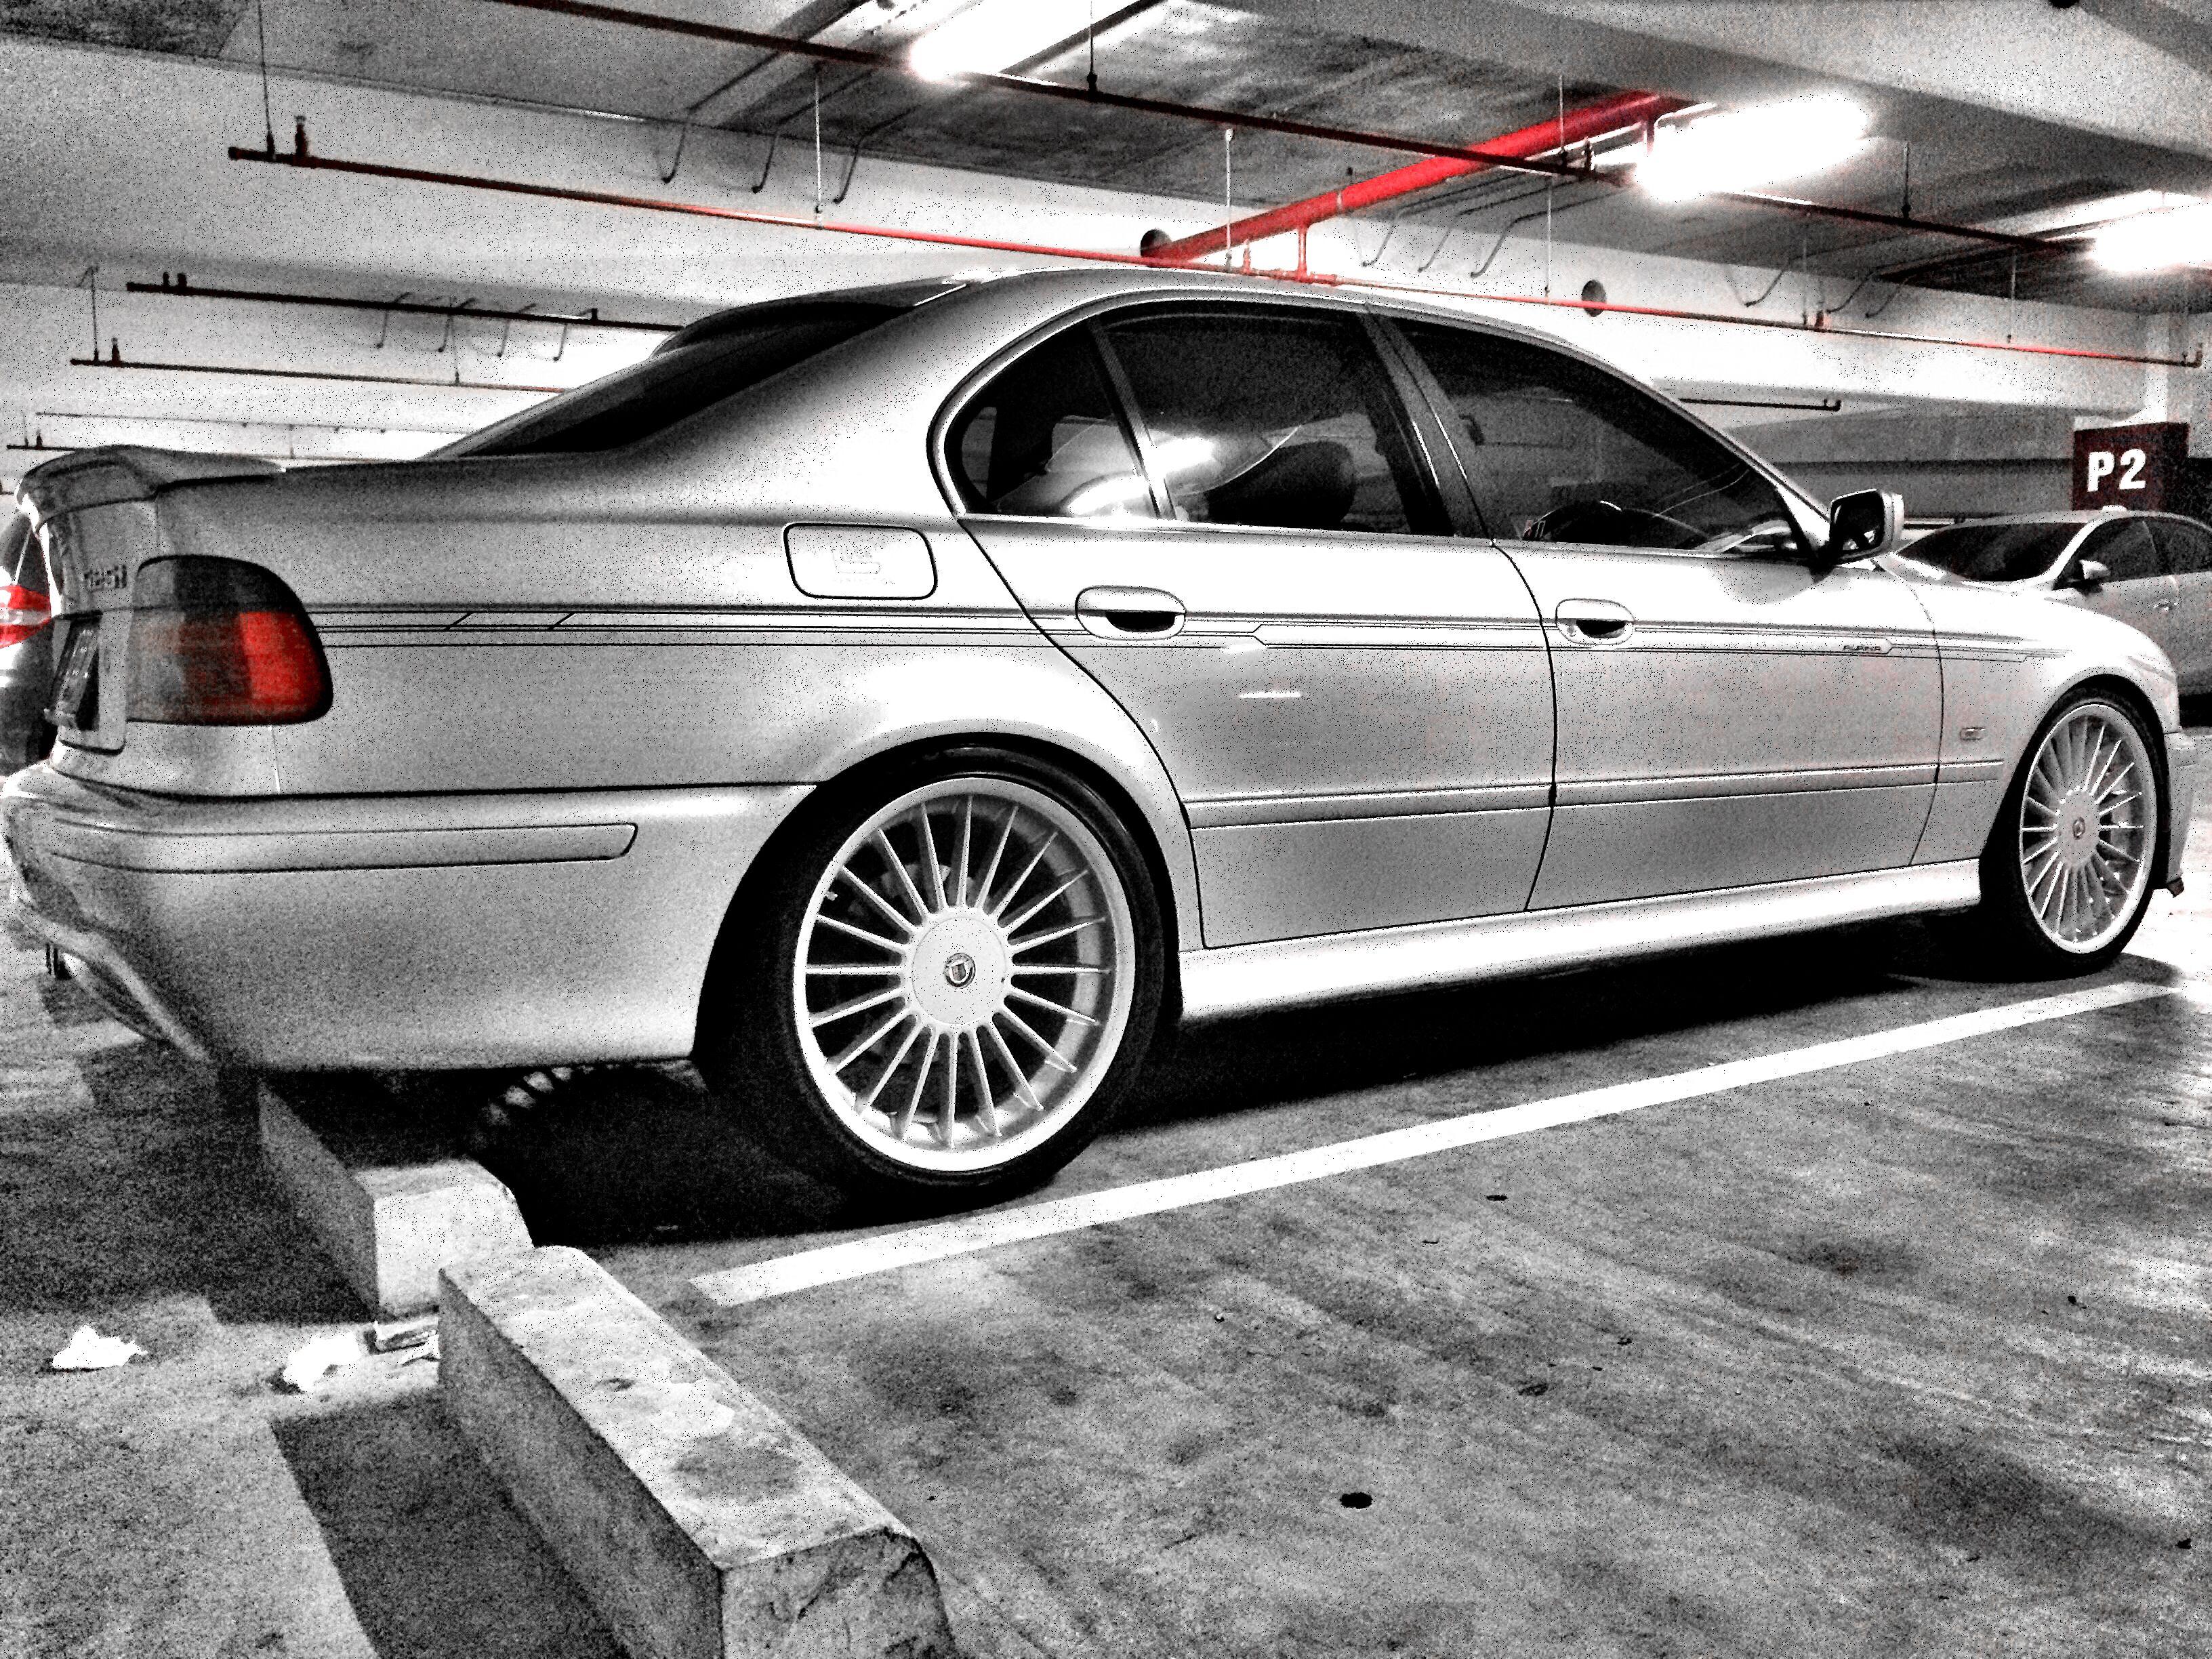 Bmw E39 Alpina Lovers Bmw Bmw E39 Bmw Wheels